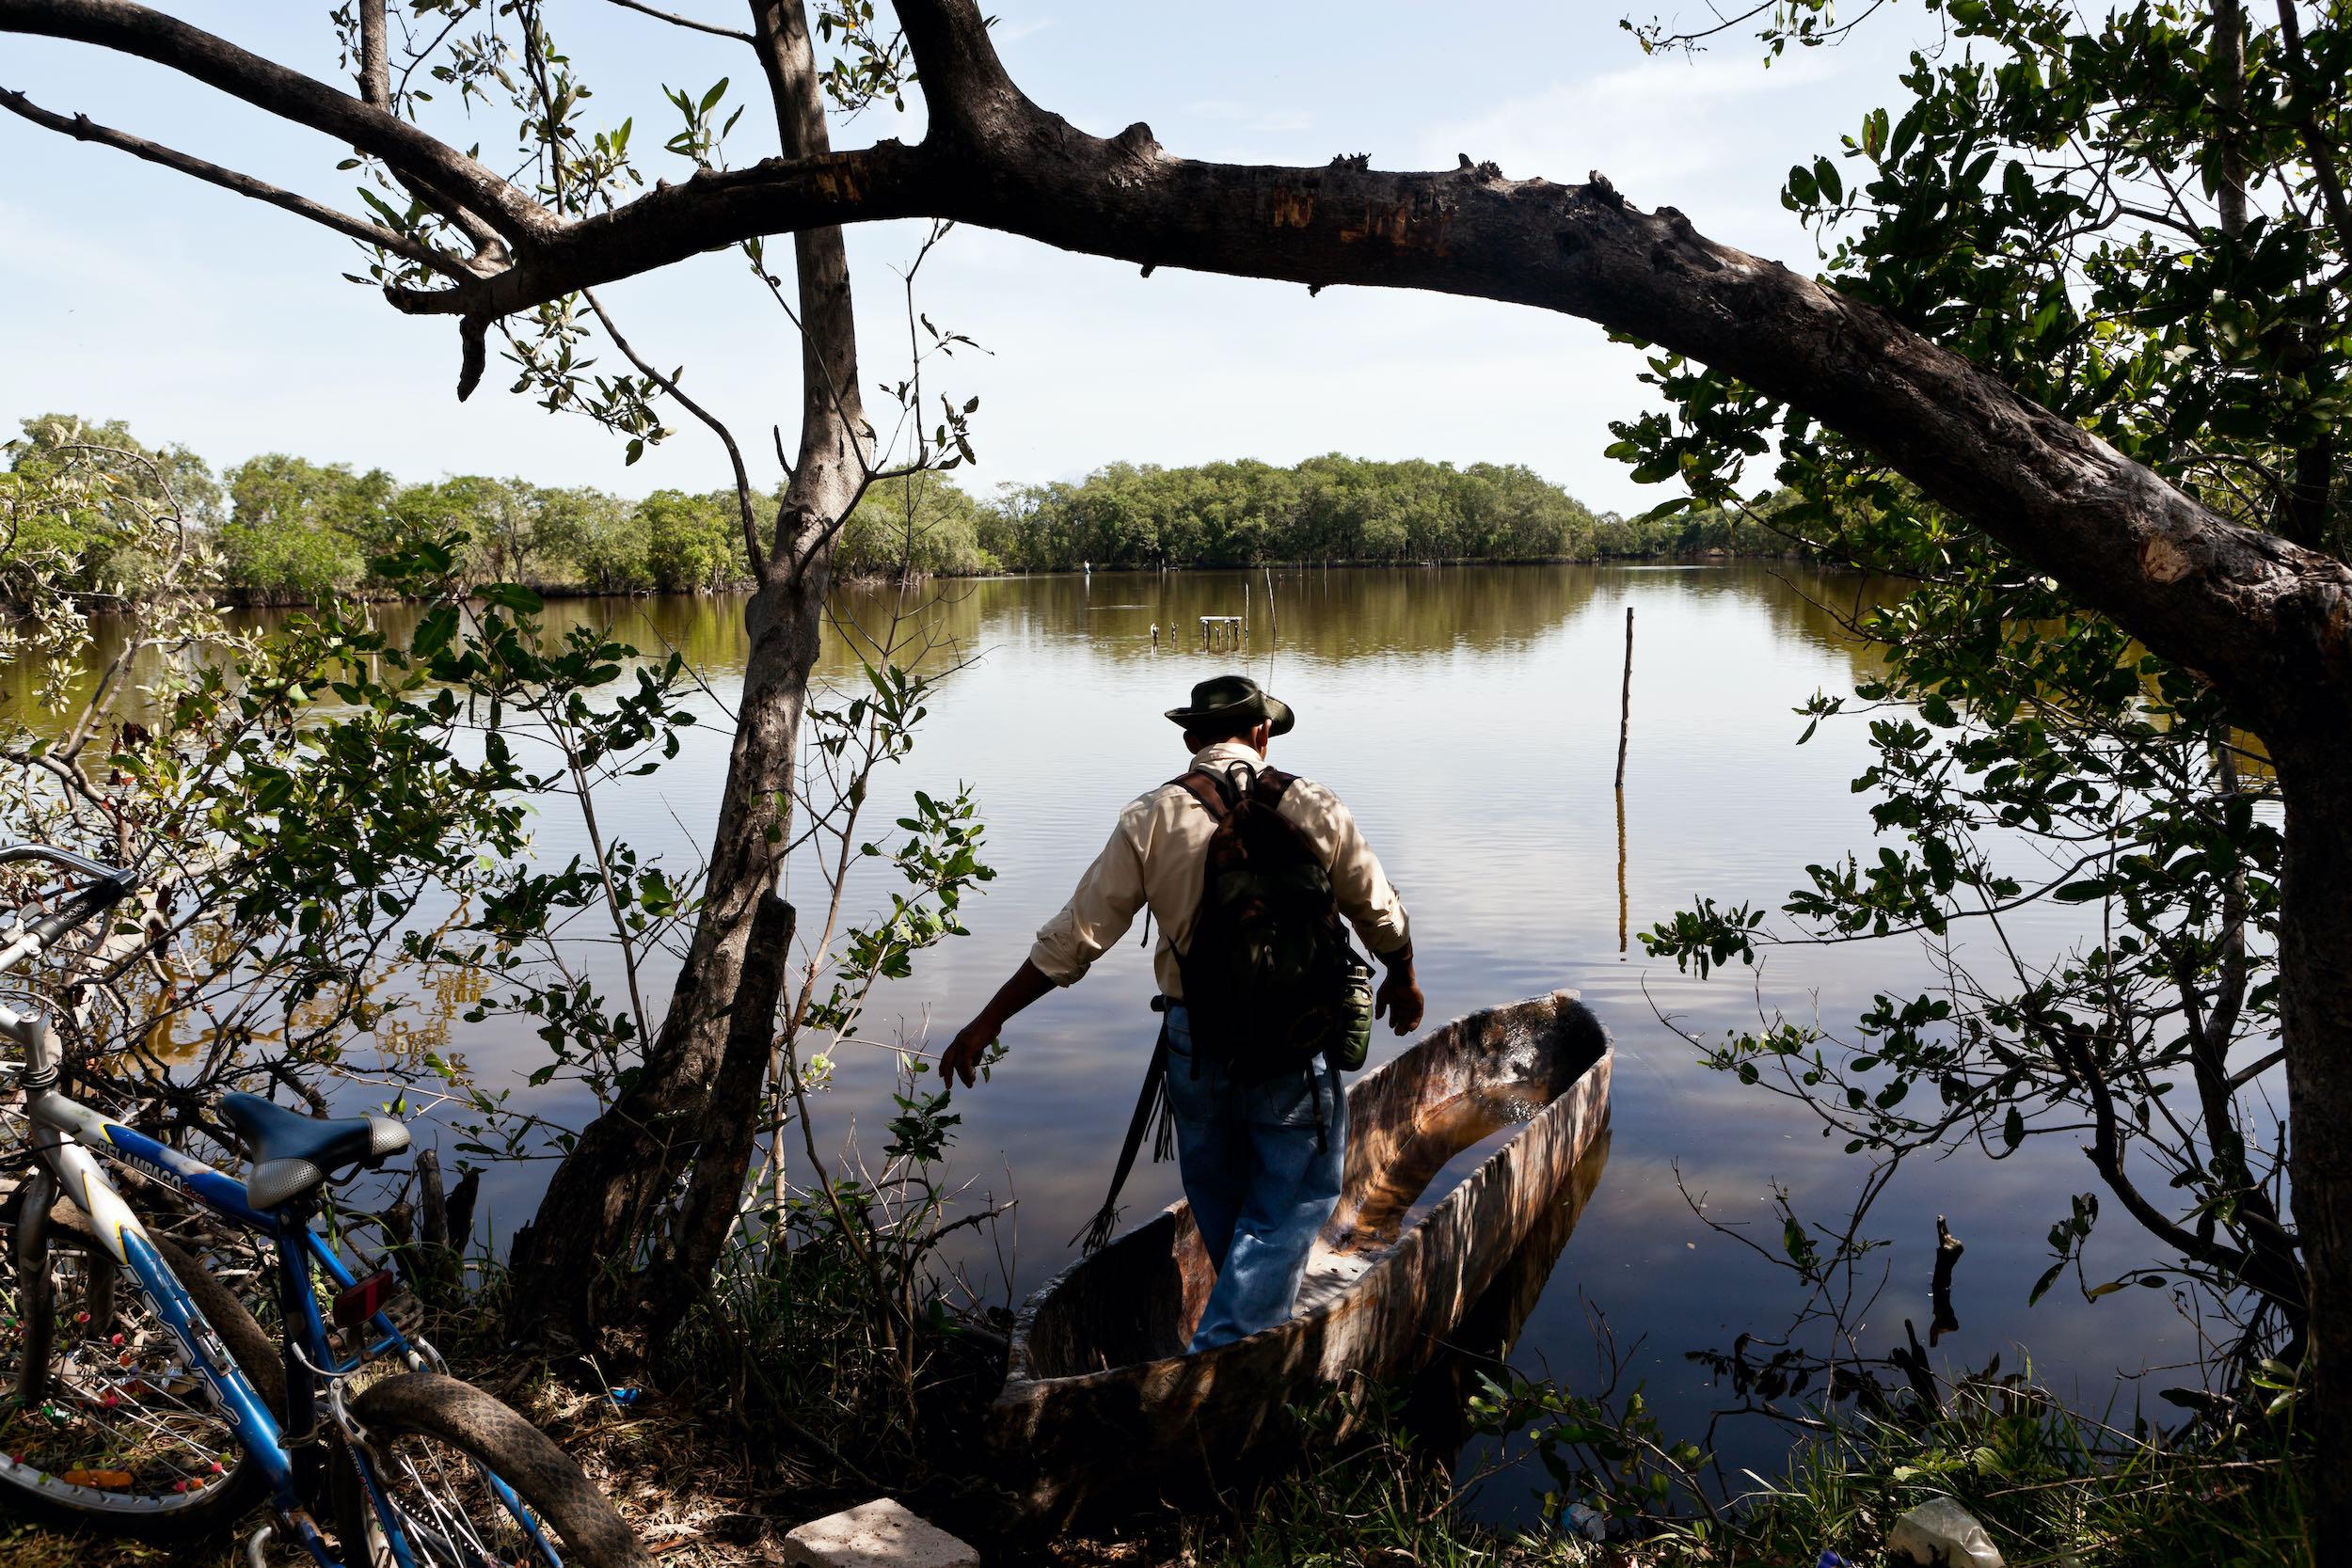 Guarda recursos cuida los manglares en la Bahía de Jiquilisco El Salvador